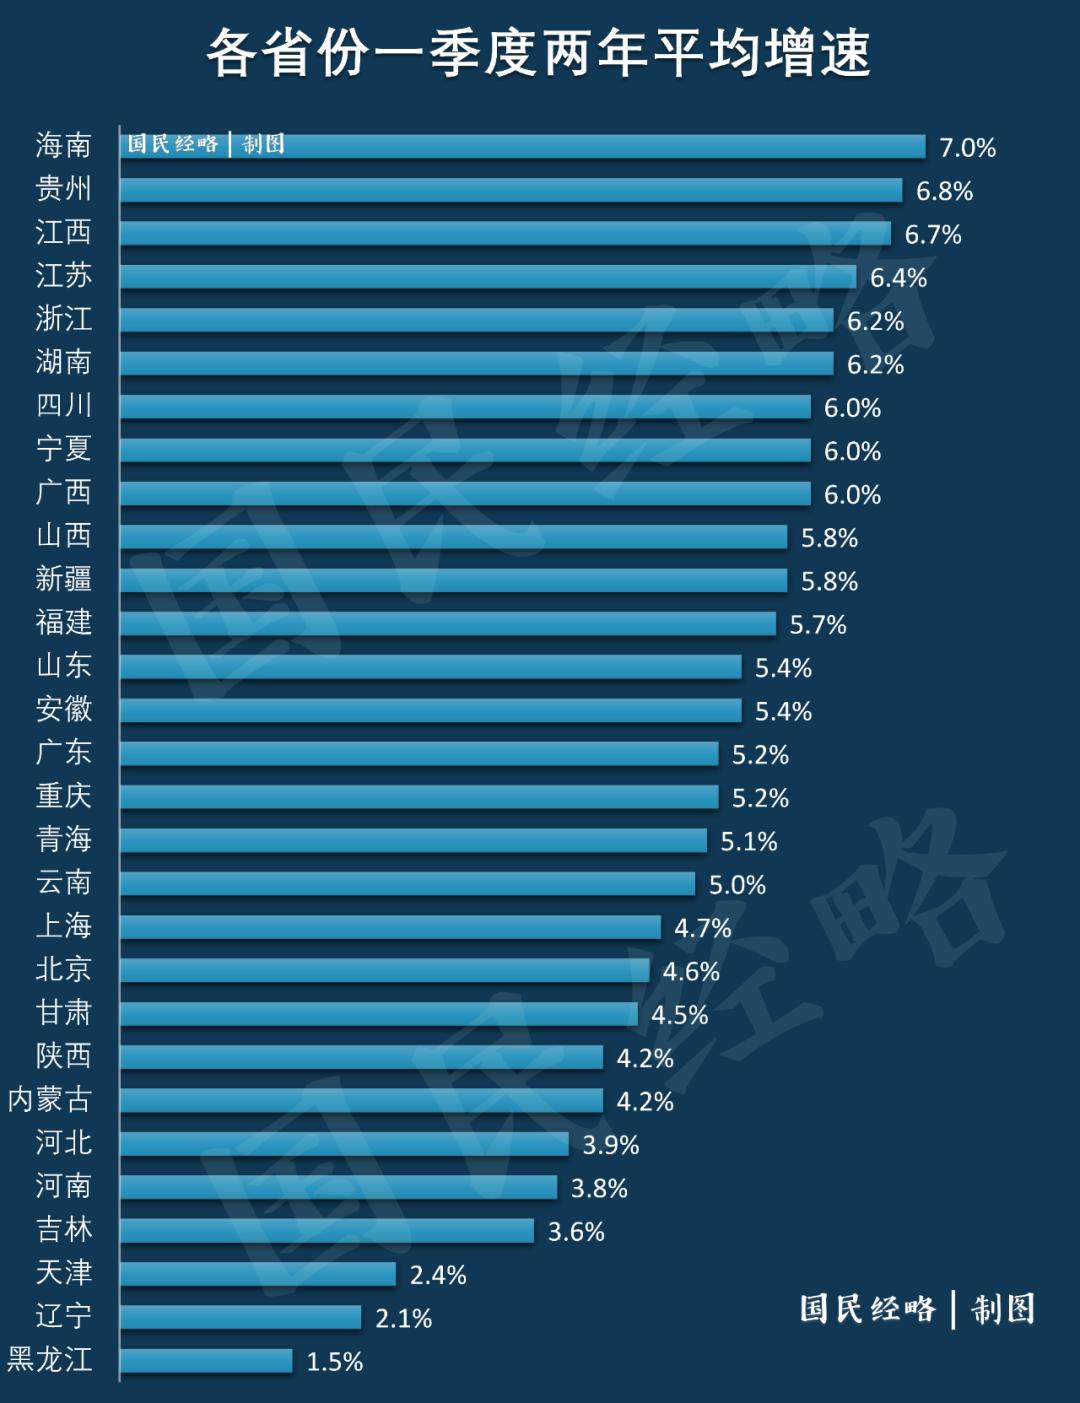 县级gdp排名2021_如皋排名第16位 2021年GDP百强县排行榜出炉